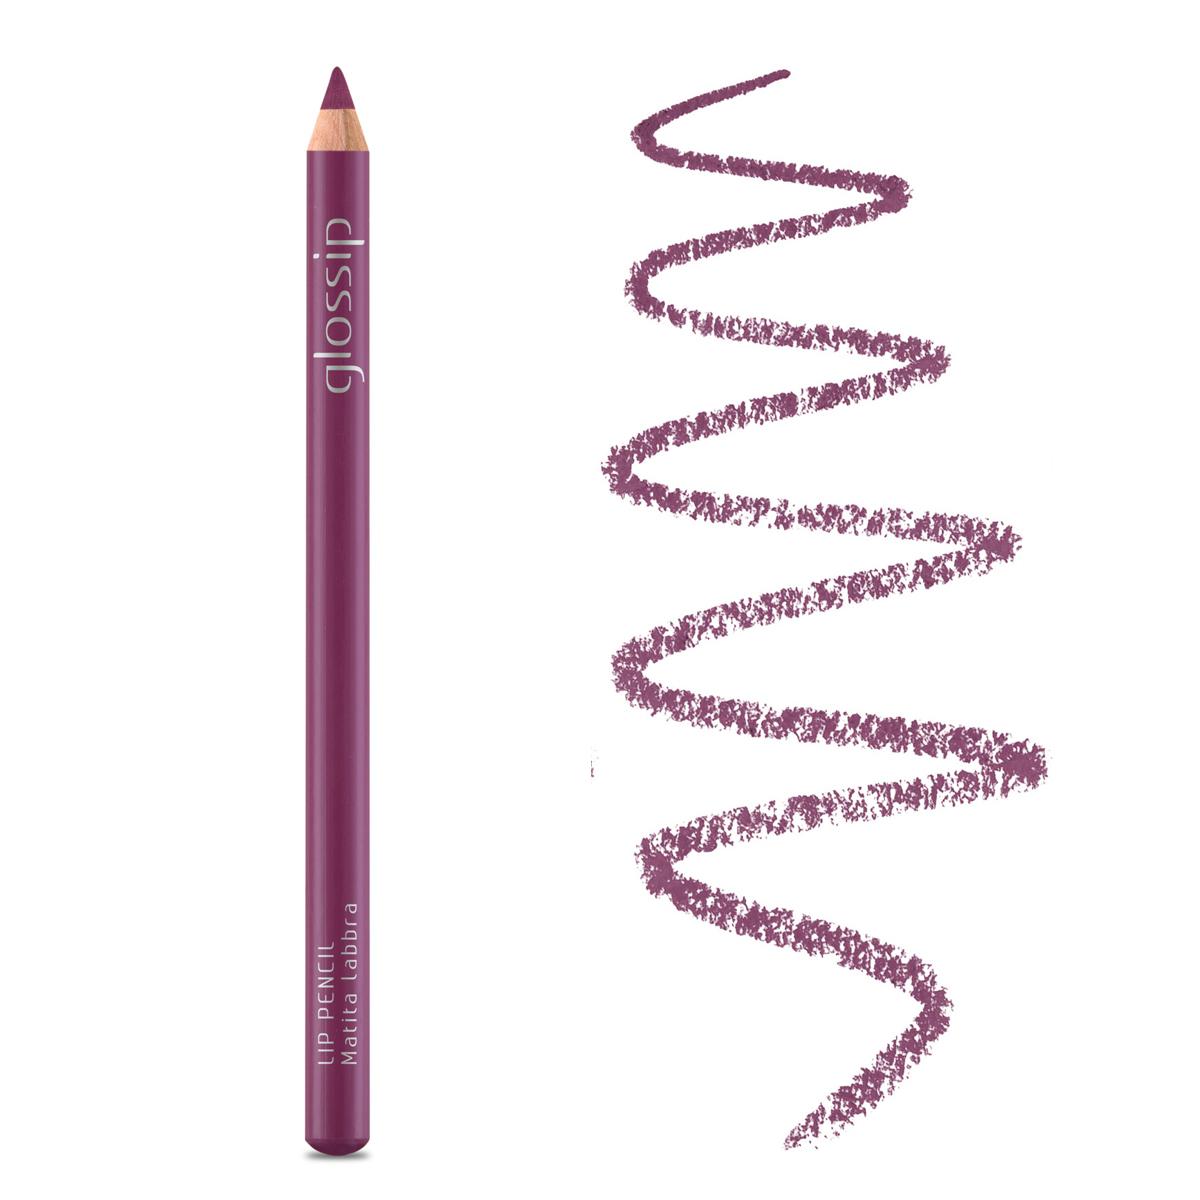 Creion de buze, roz moviliu - Glossip, 1.1 G